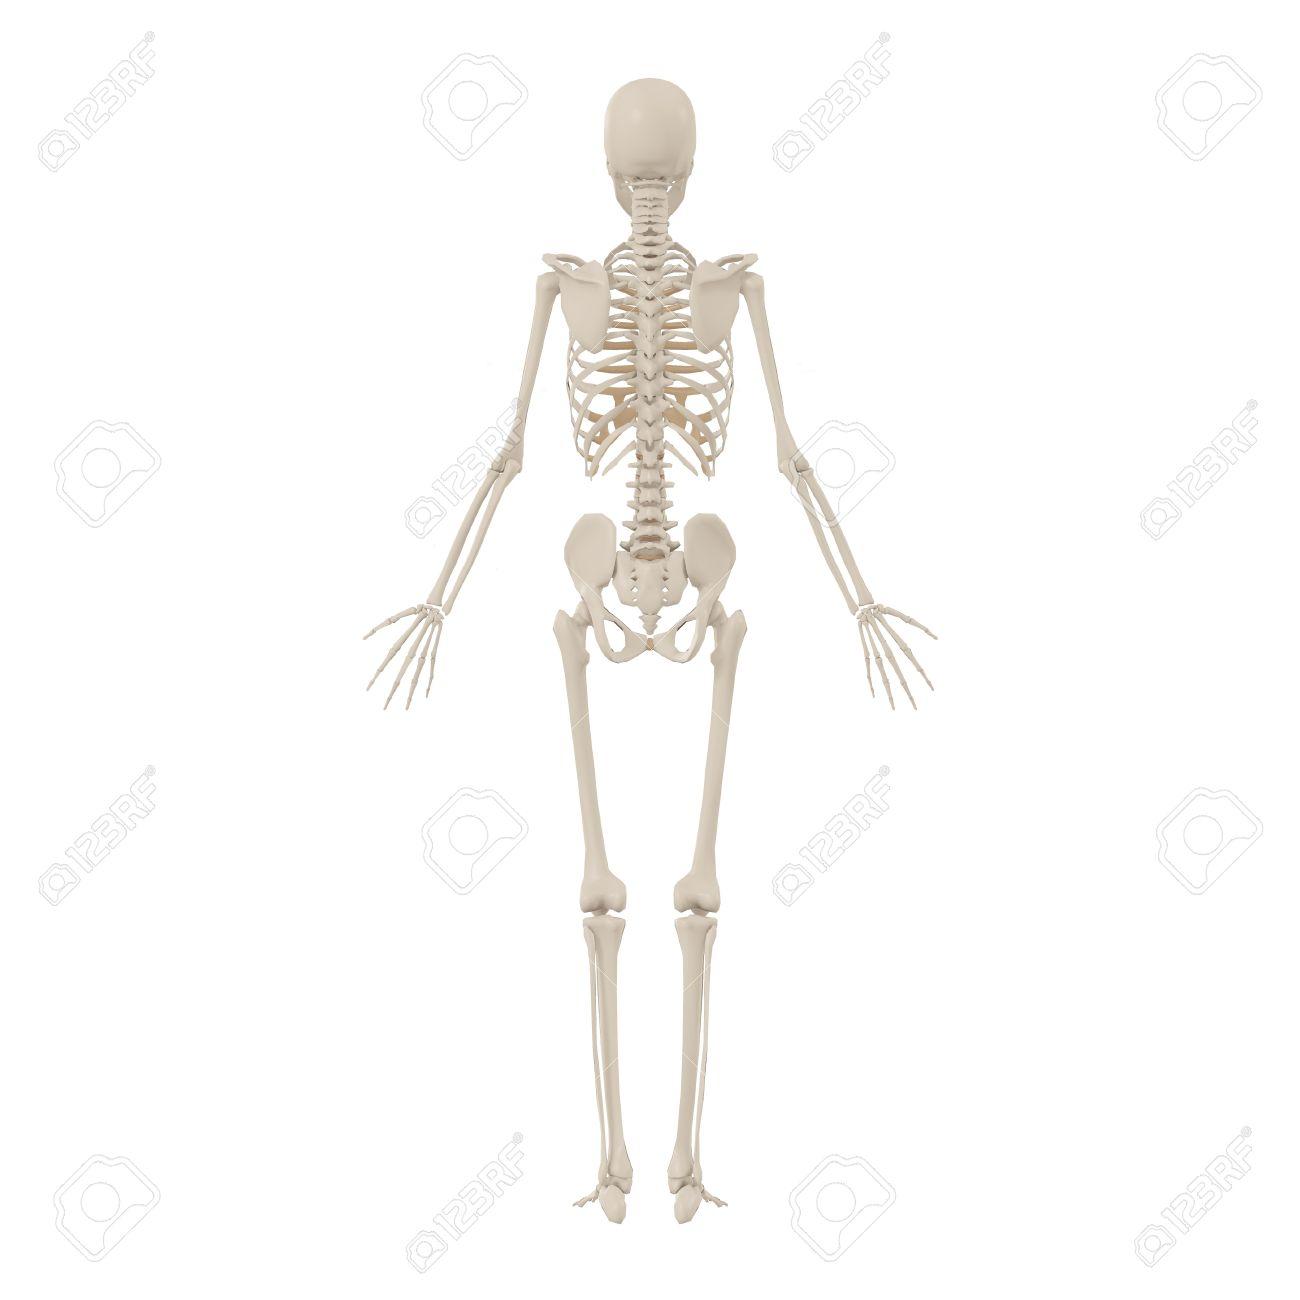 Berühmt Menschliches Skelett Foto Galerie - Anatomie Ideen - finotti ...